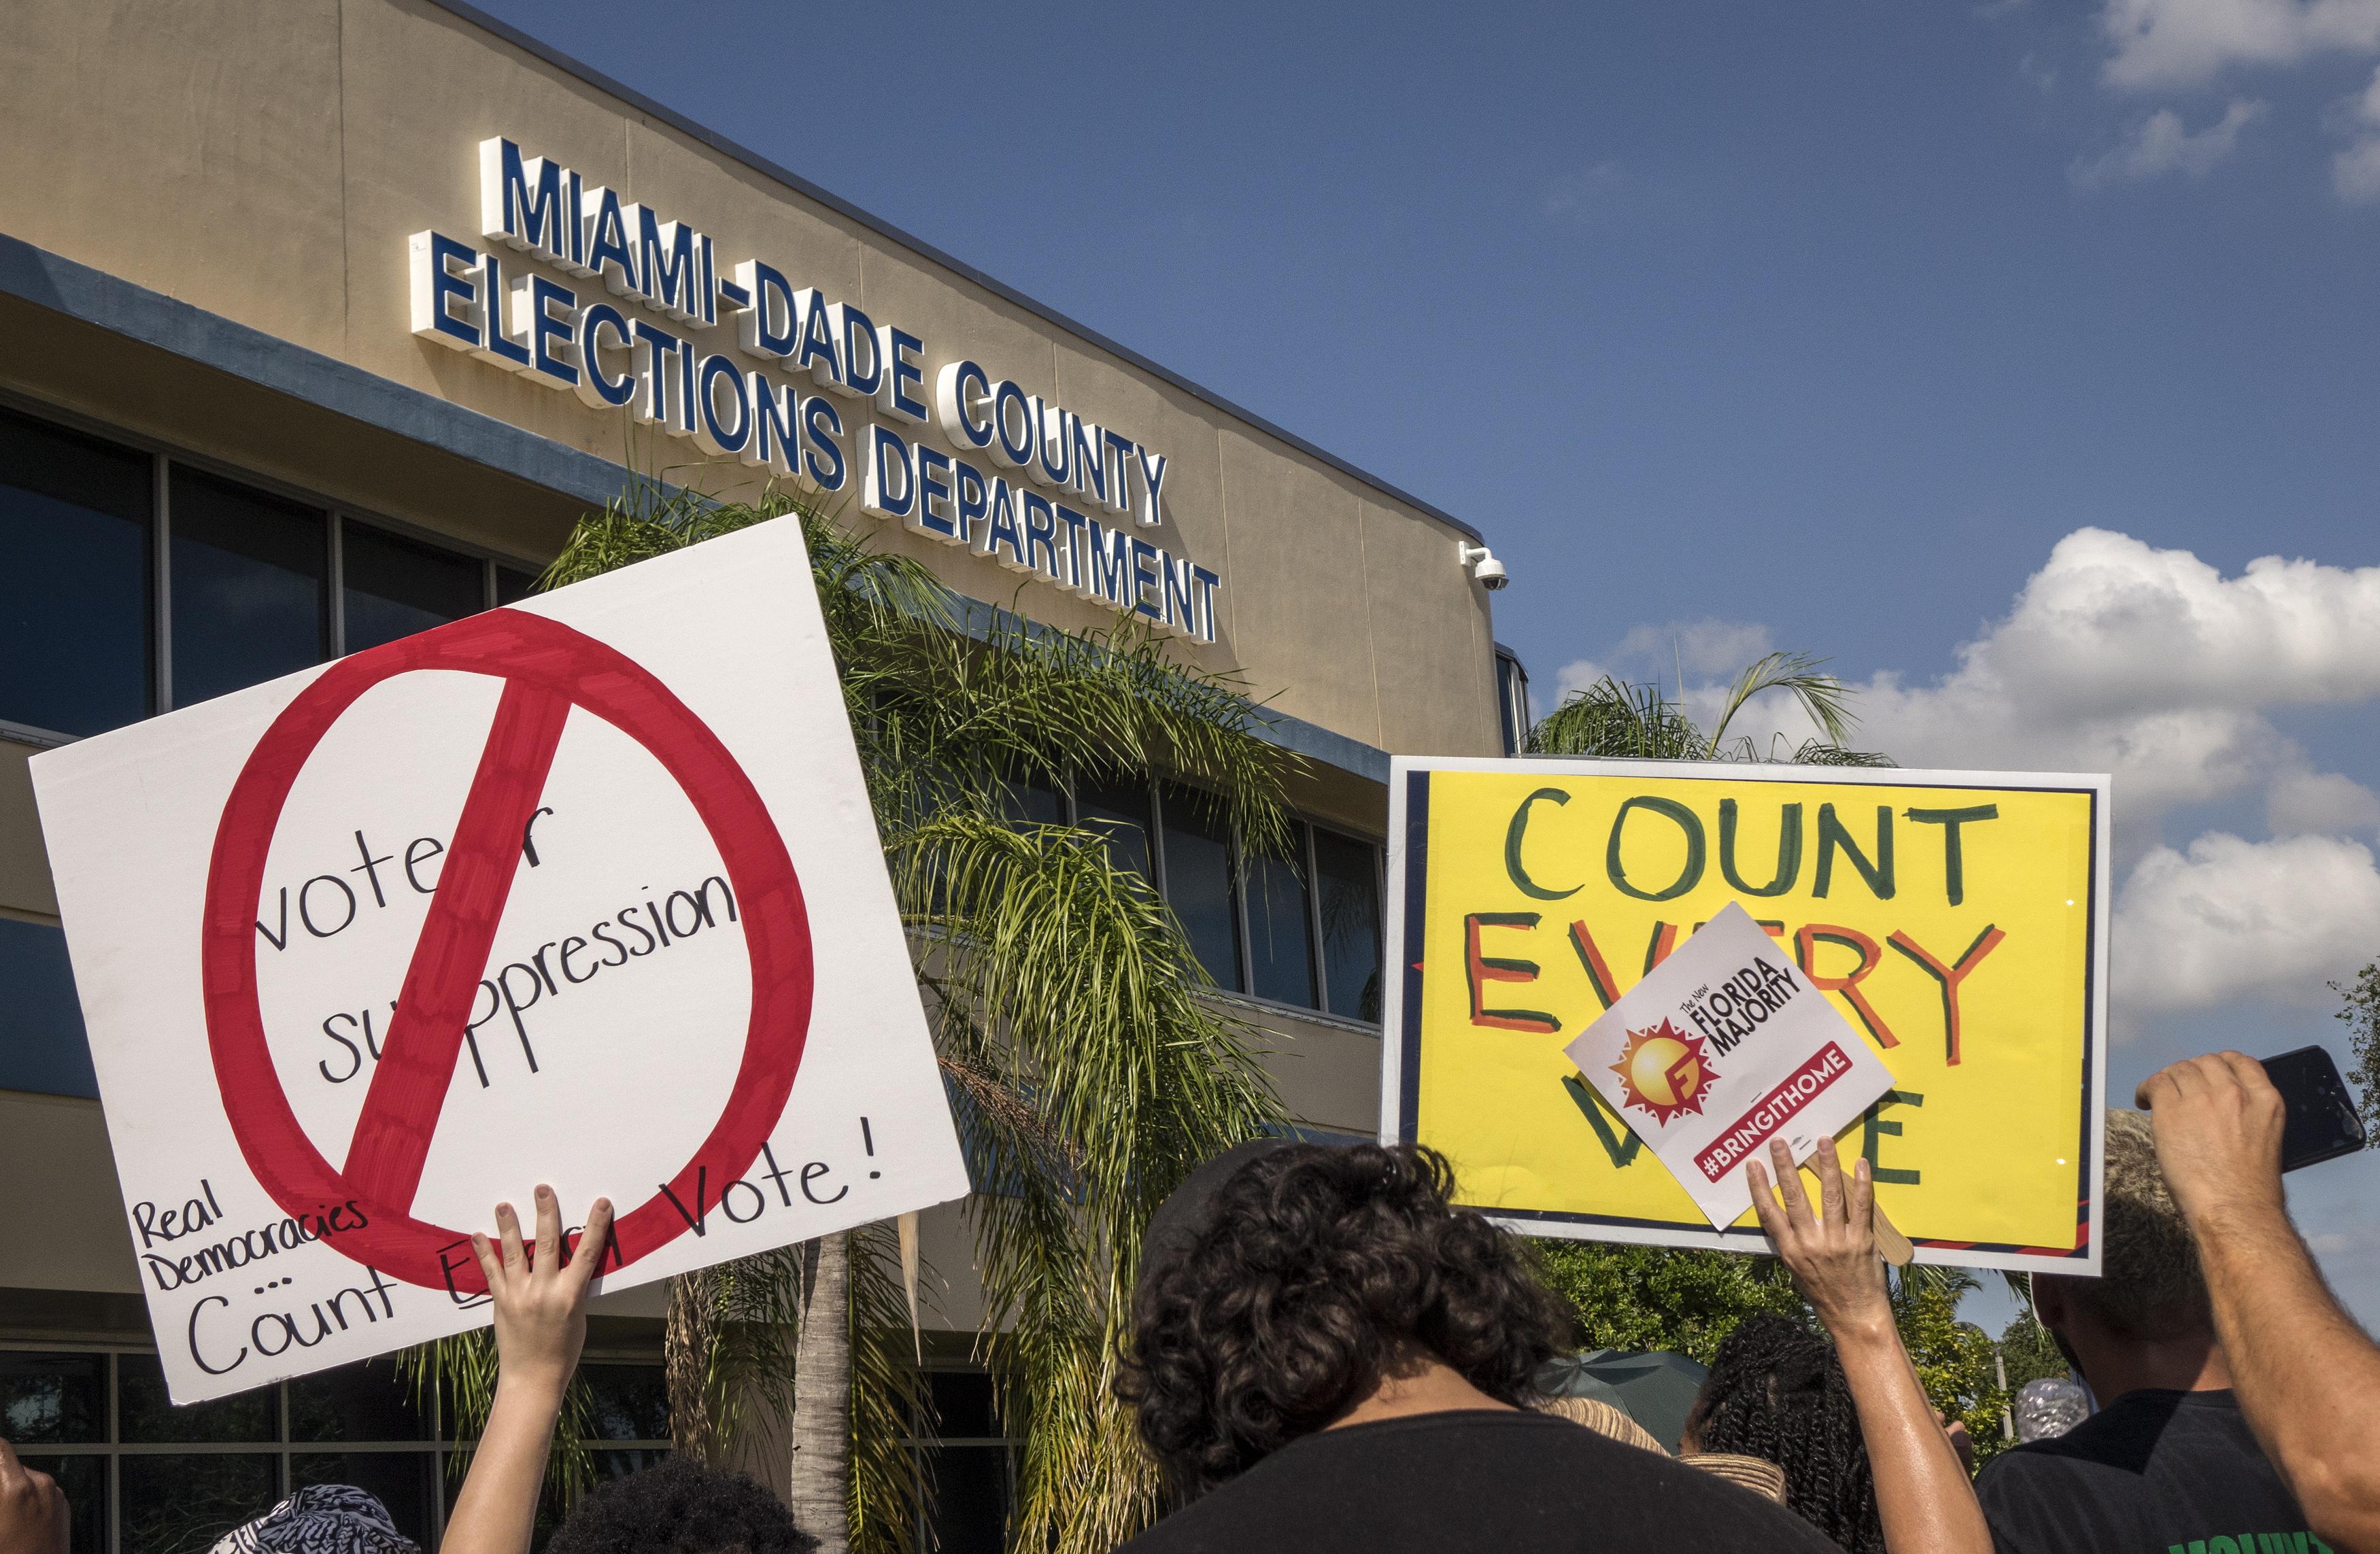 Florida naredila ponovno brojanje glasova na izborima za guvernera i senatora